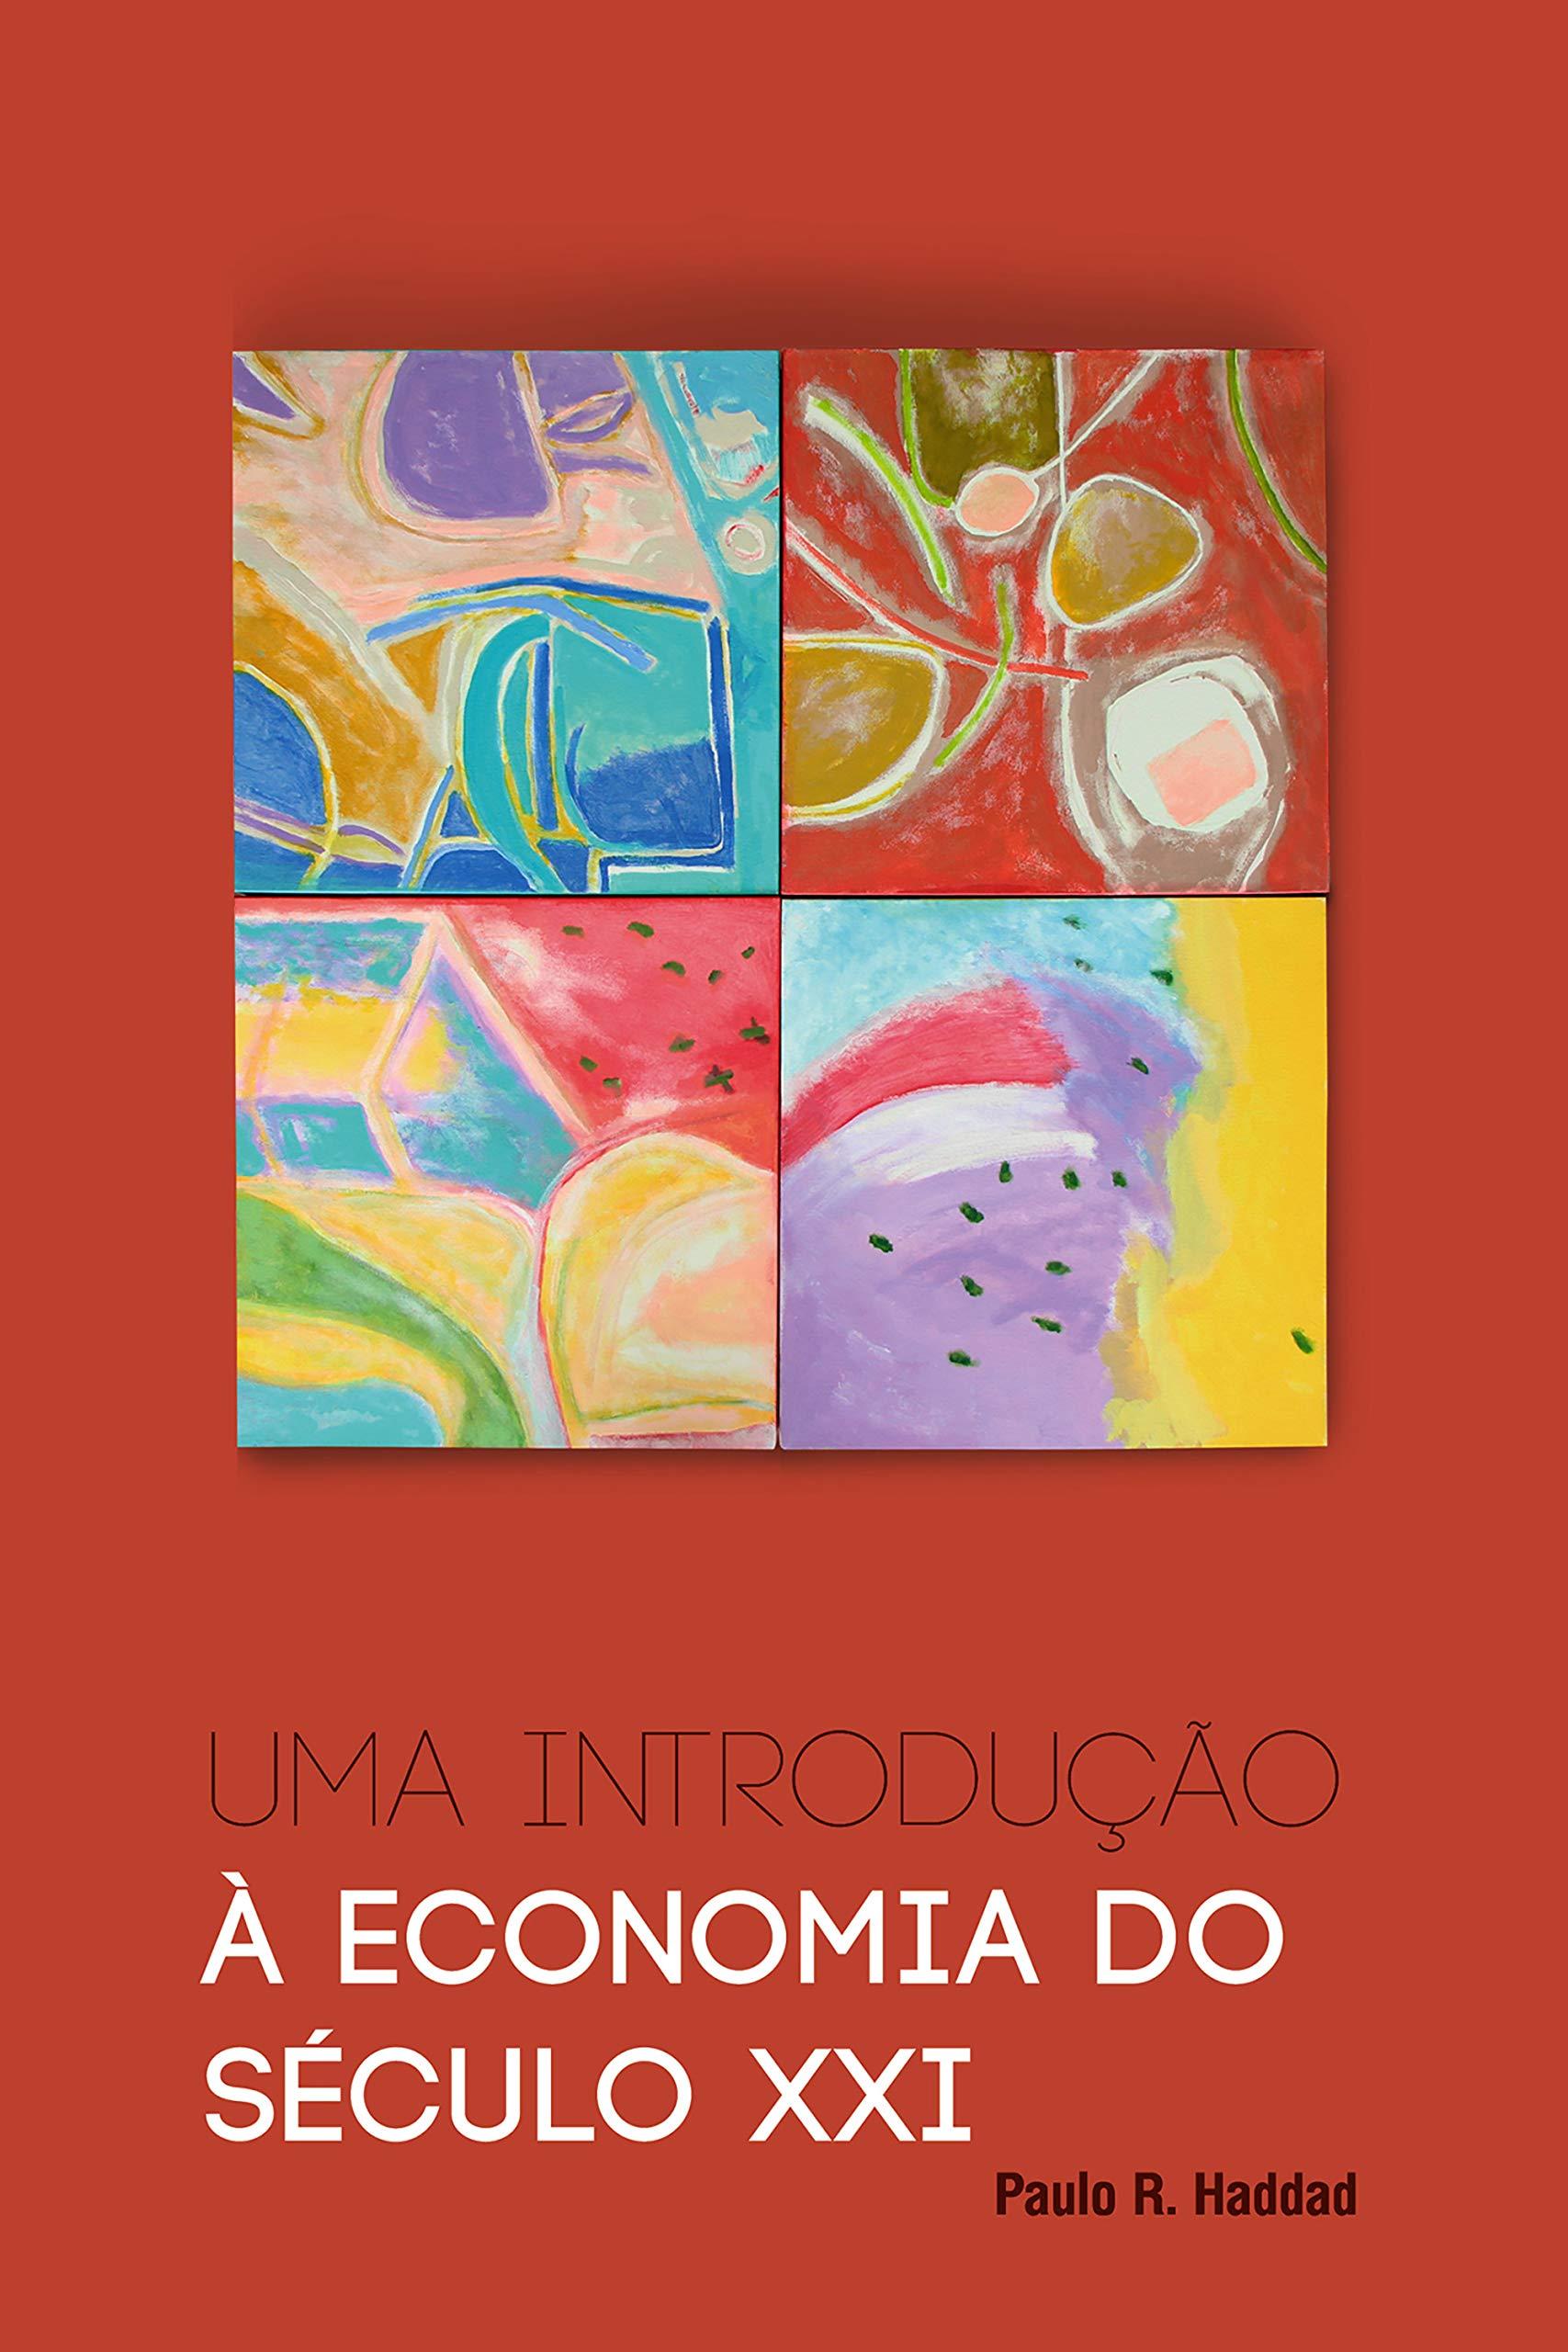 Uma introdução à economia do século XXI (Portuguese Edition)